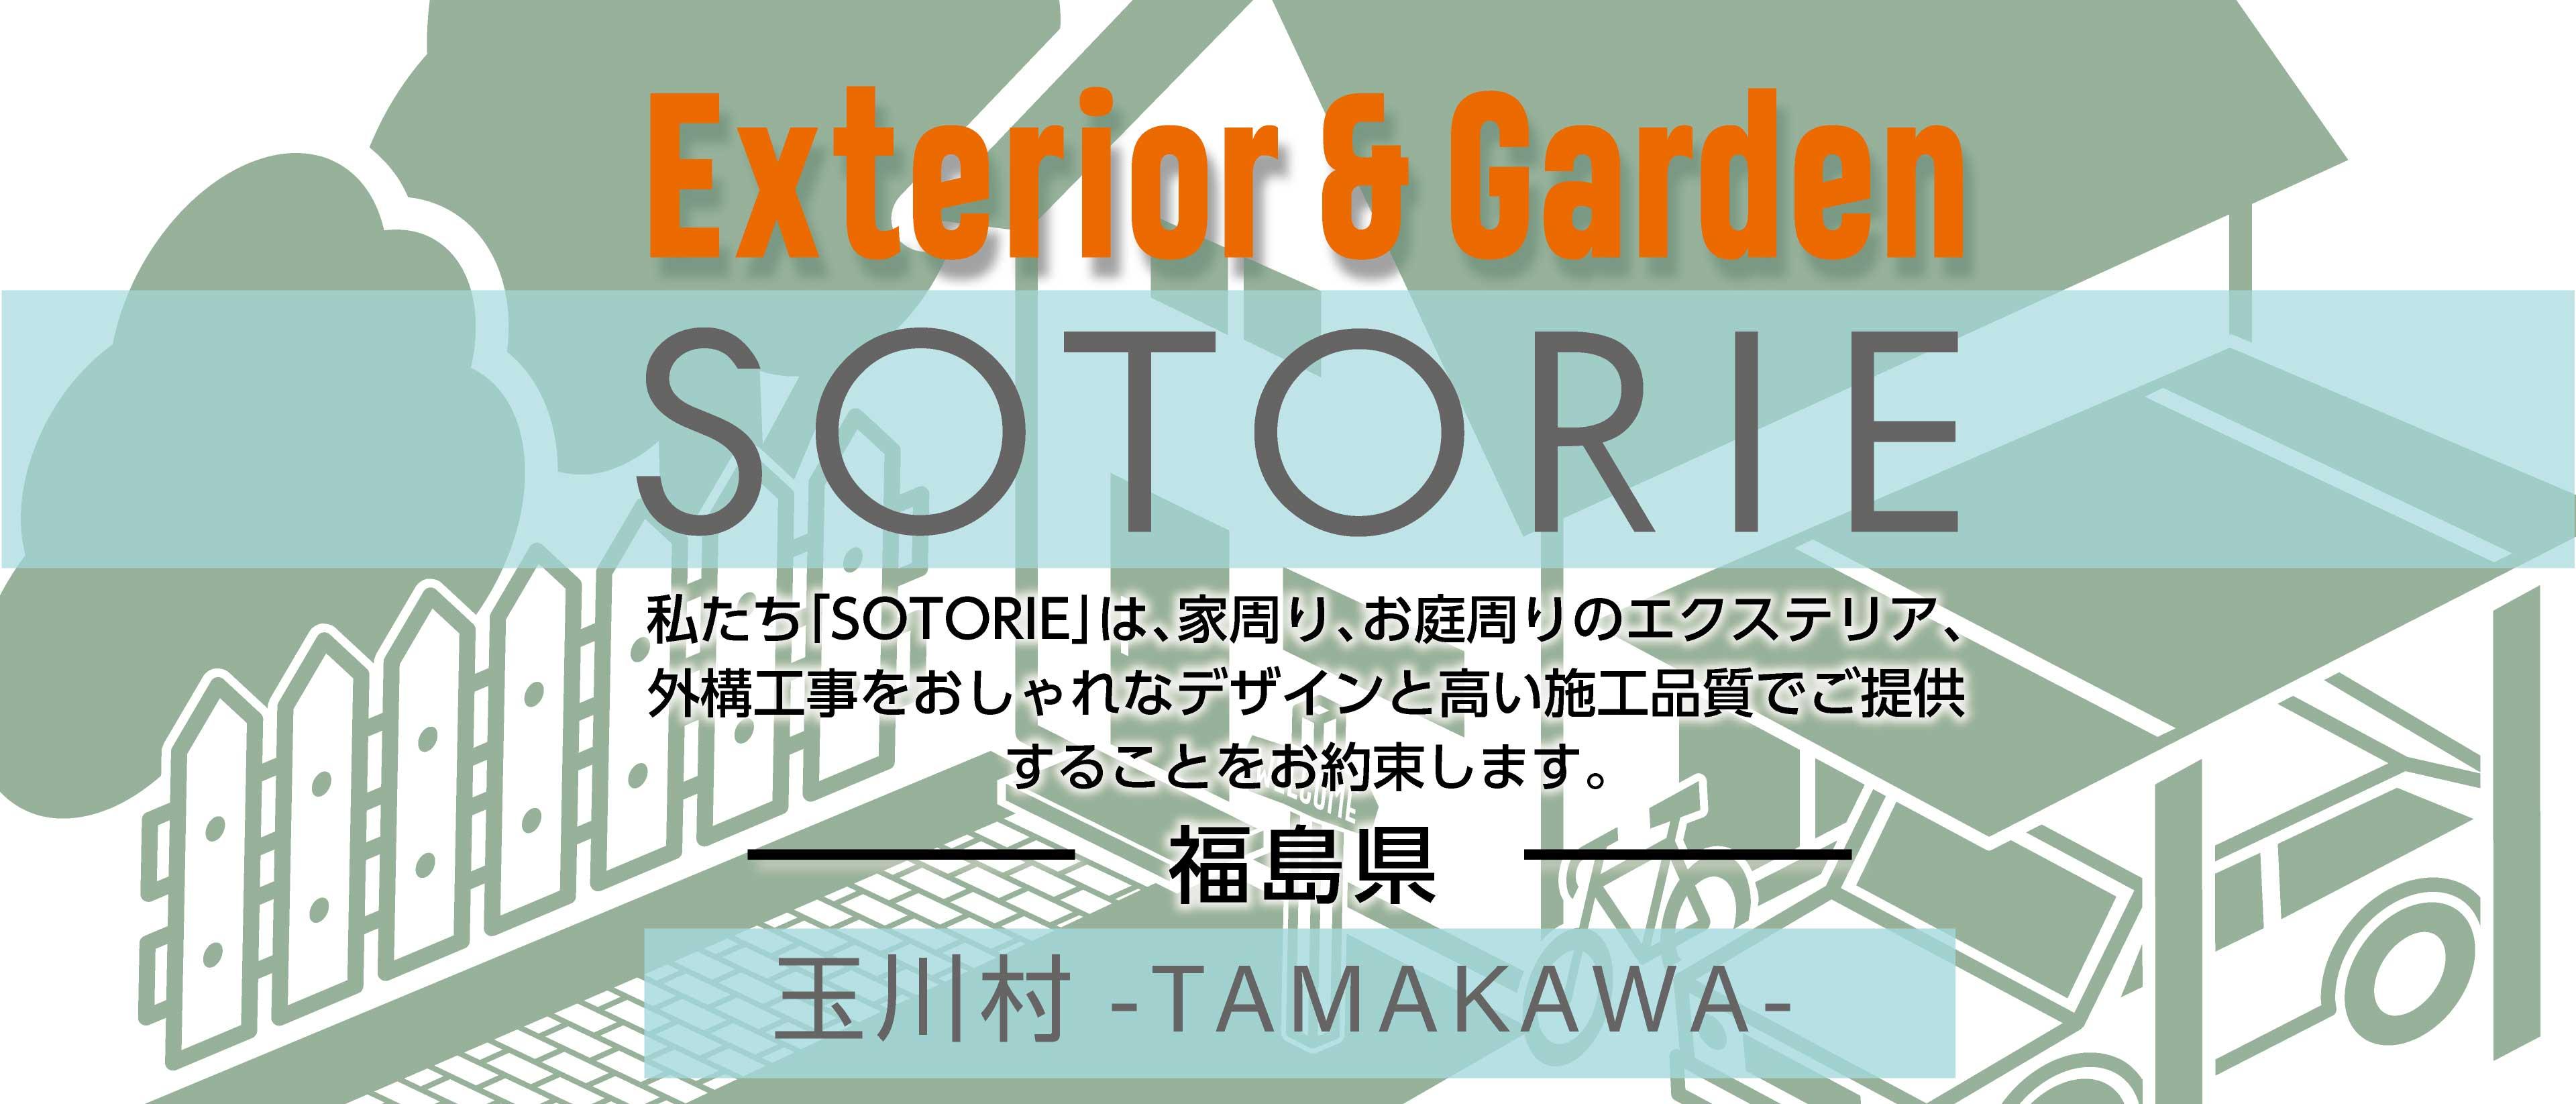 ソトリエ玉川村では、家周りと庭周りの外構、エクステリア工事をおしゃれなデザインと高い施工品質でご提供することをお約束します。